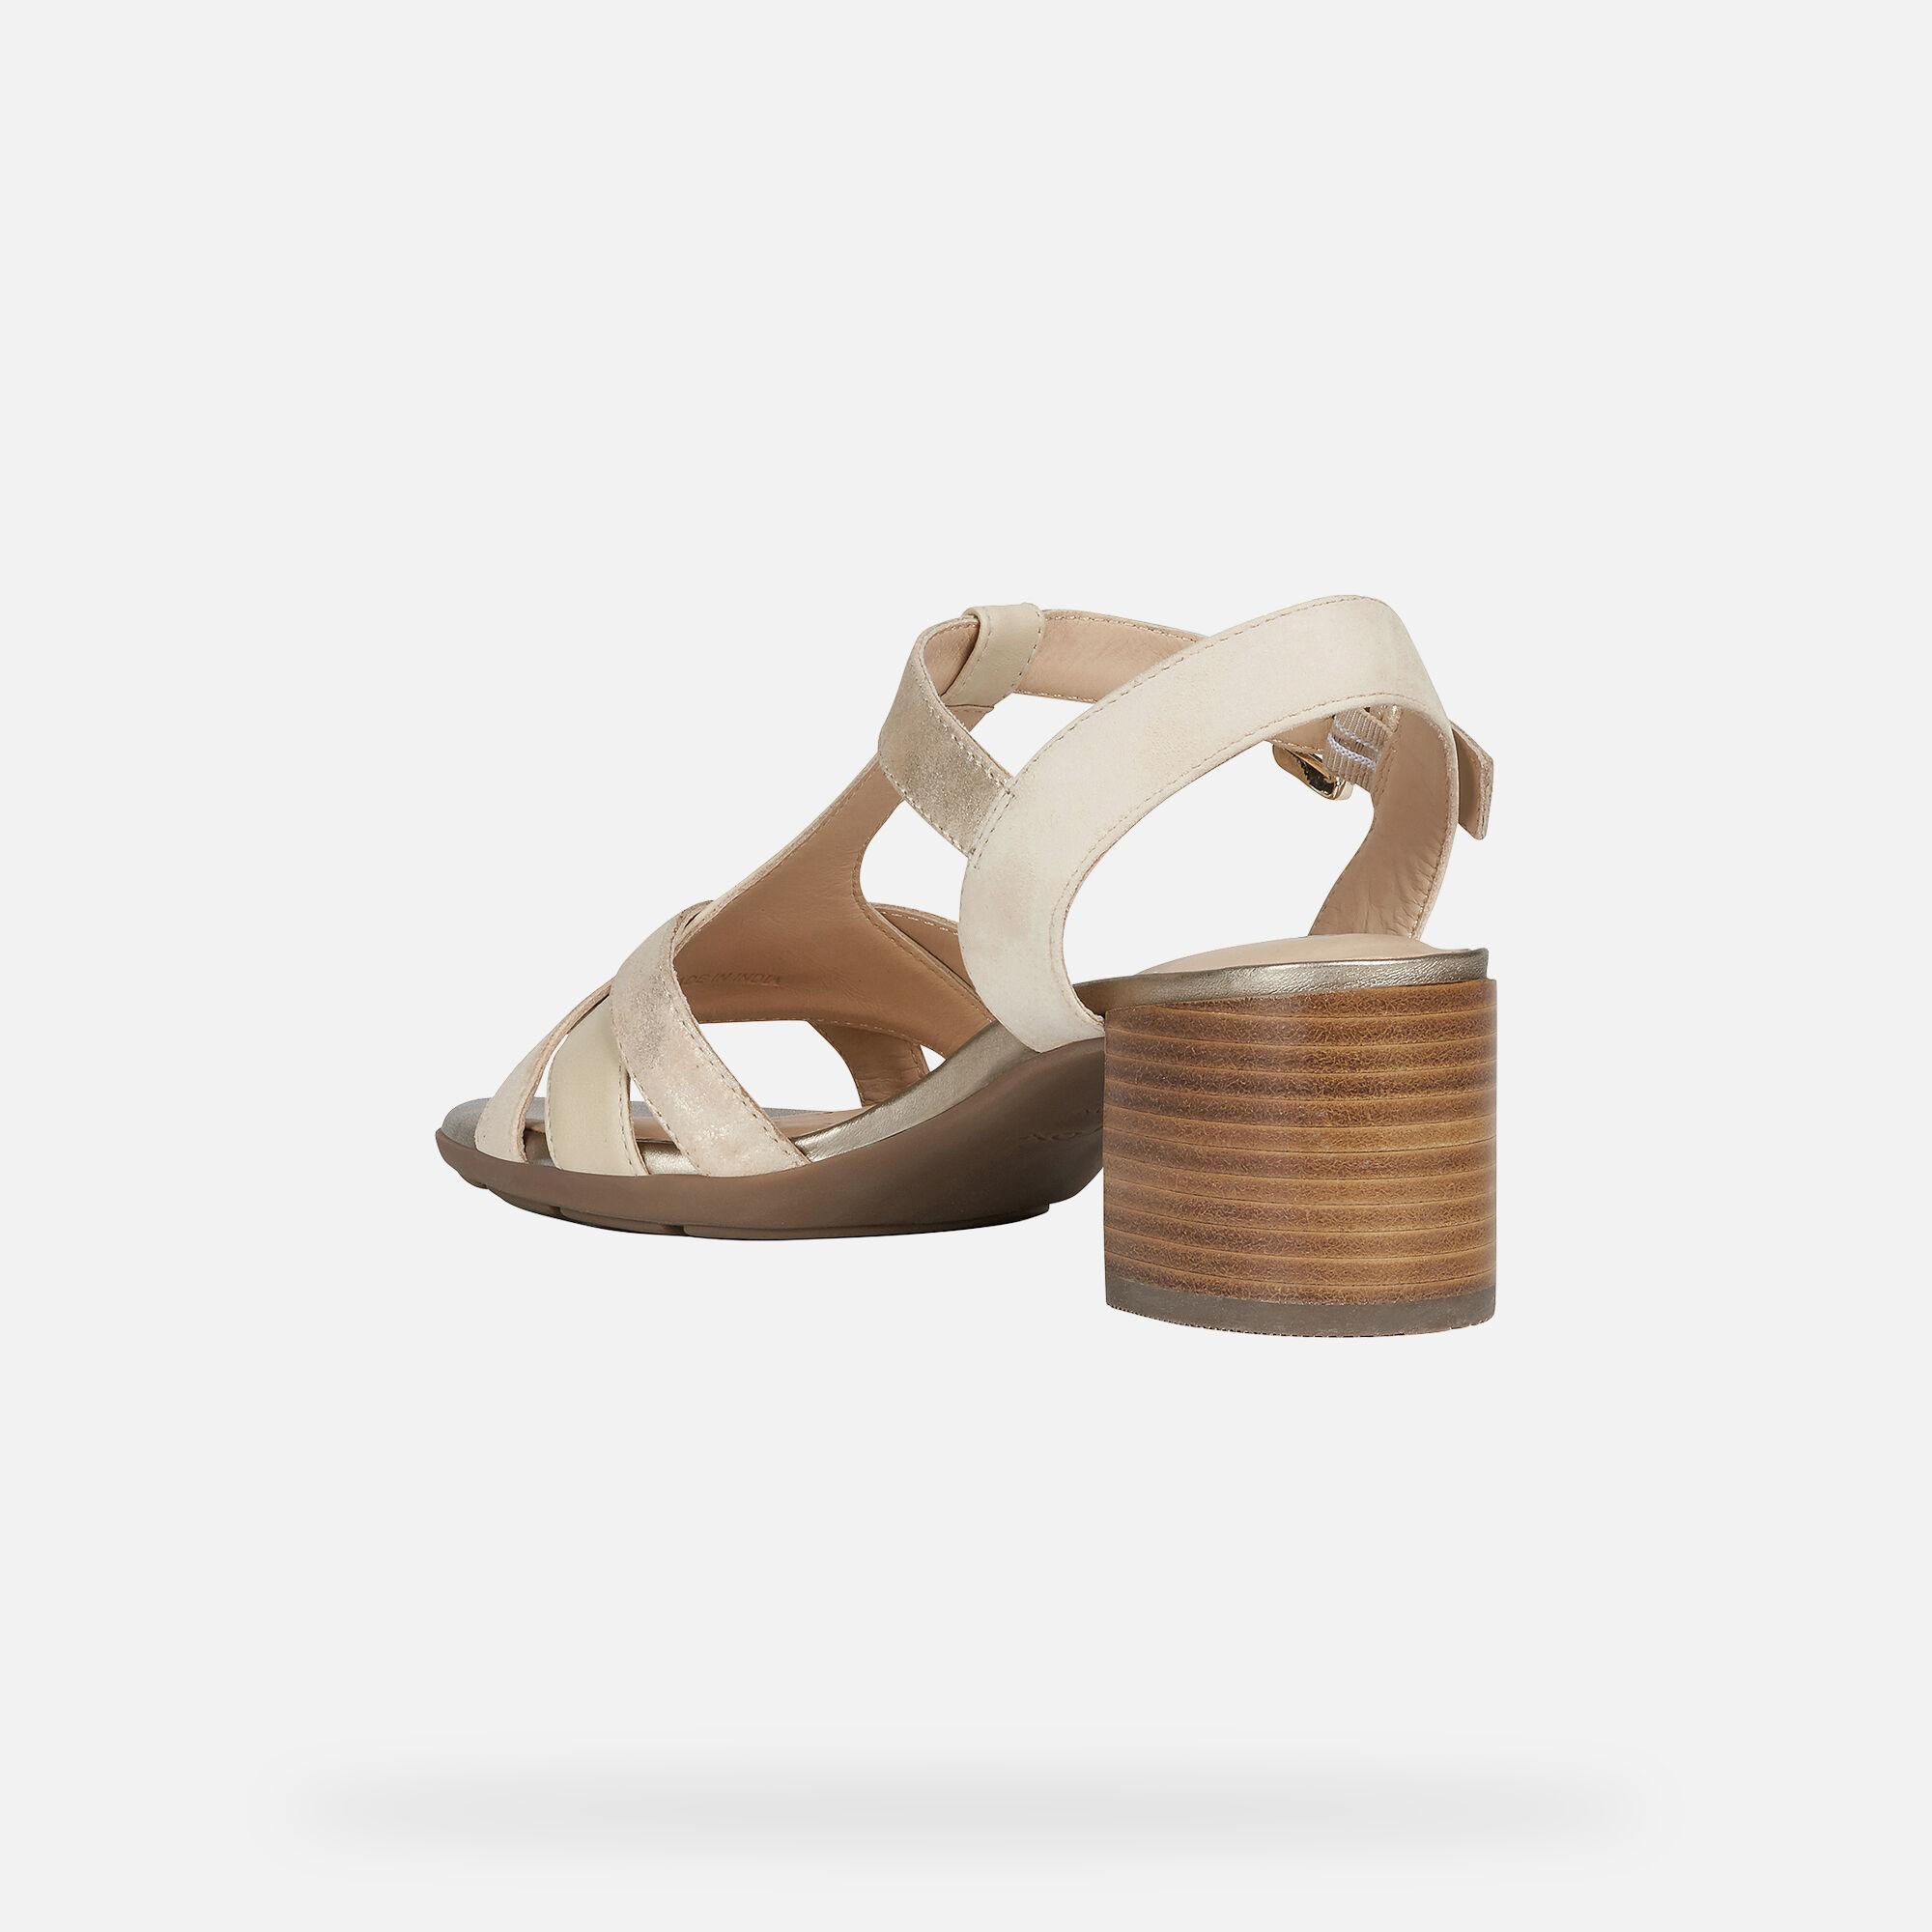 Geox MARYKARMEN Woman: Sand Sandals